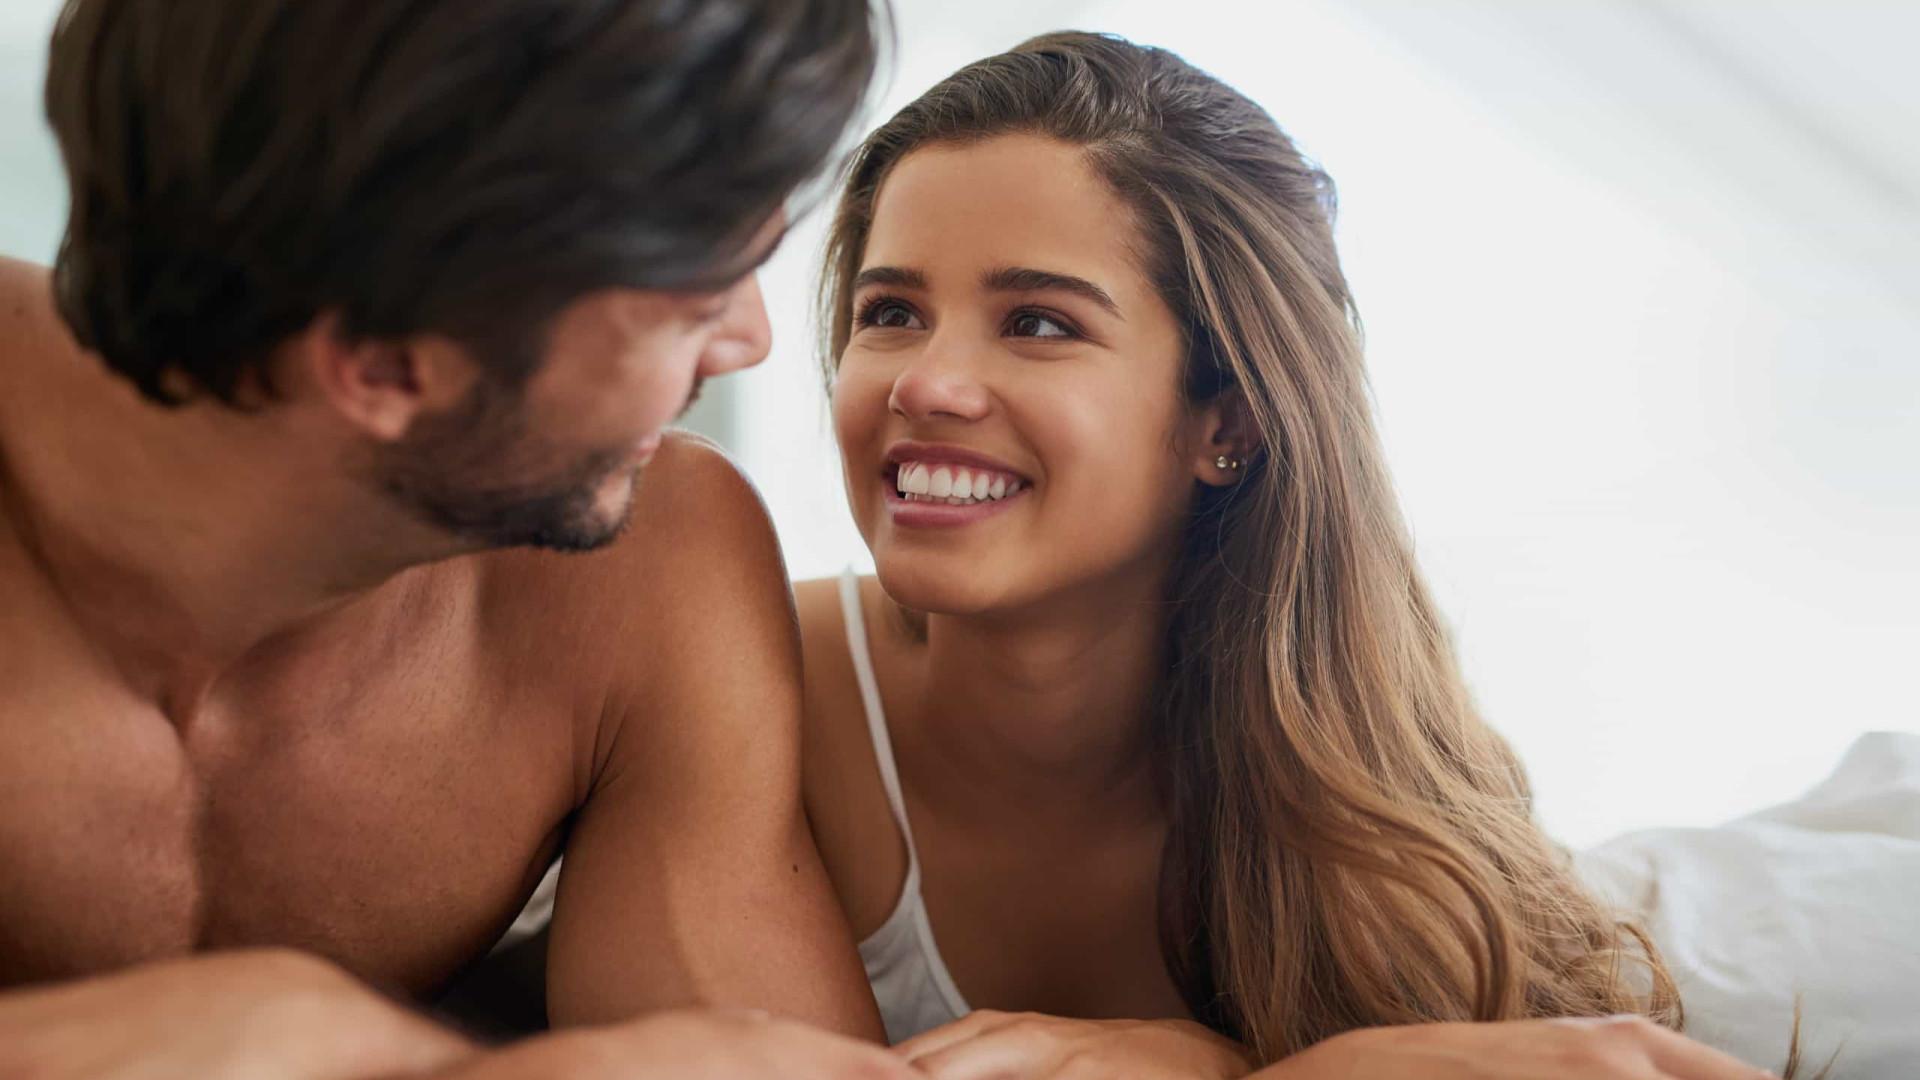 Namorar para casar? Estes são os três signos mais românticos e fiéis